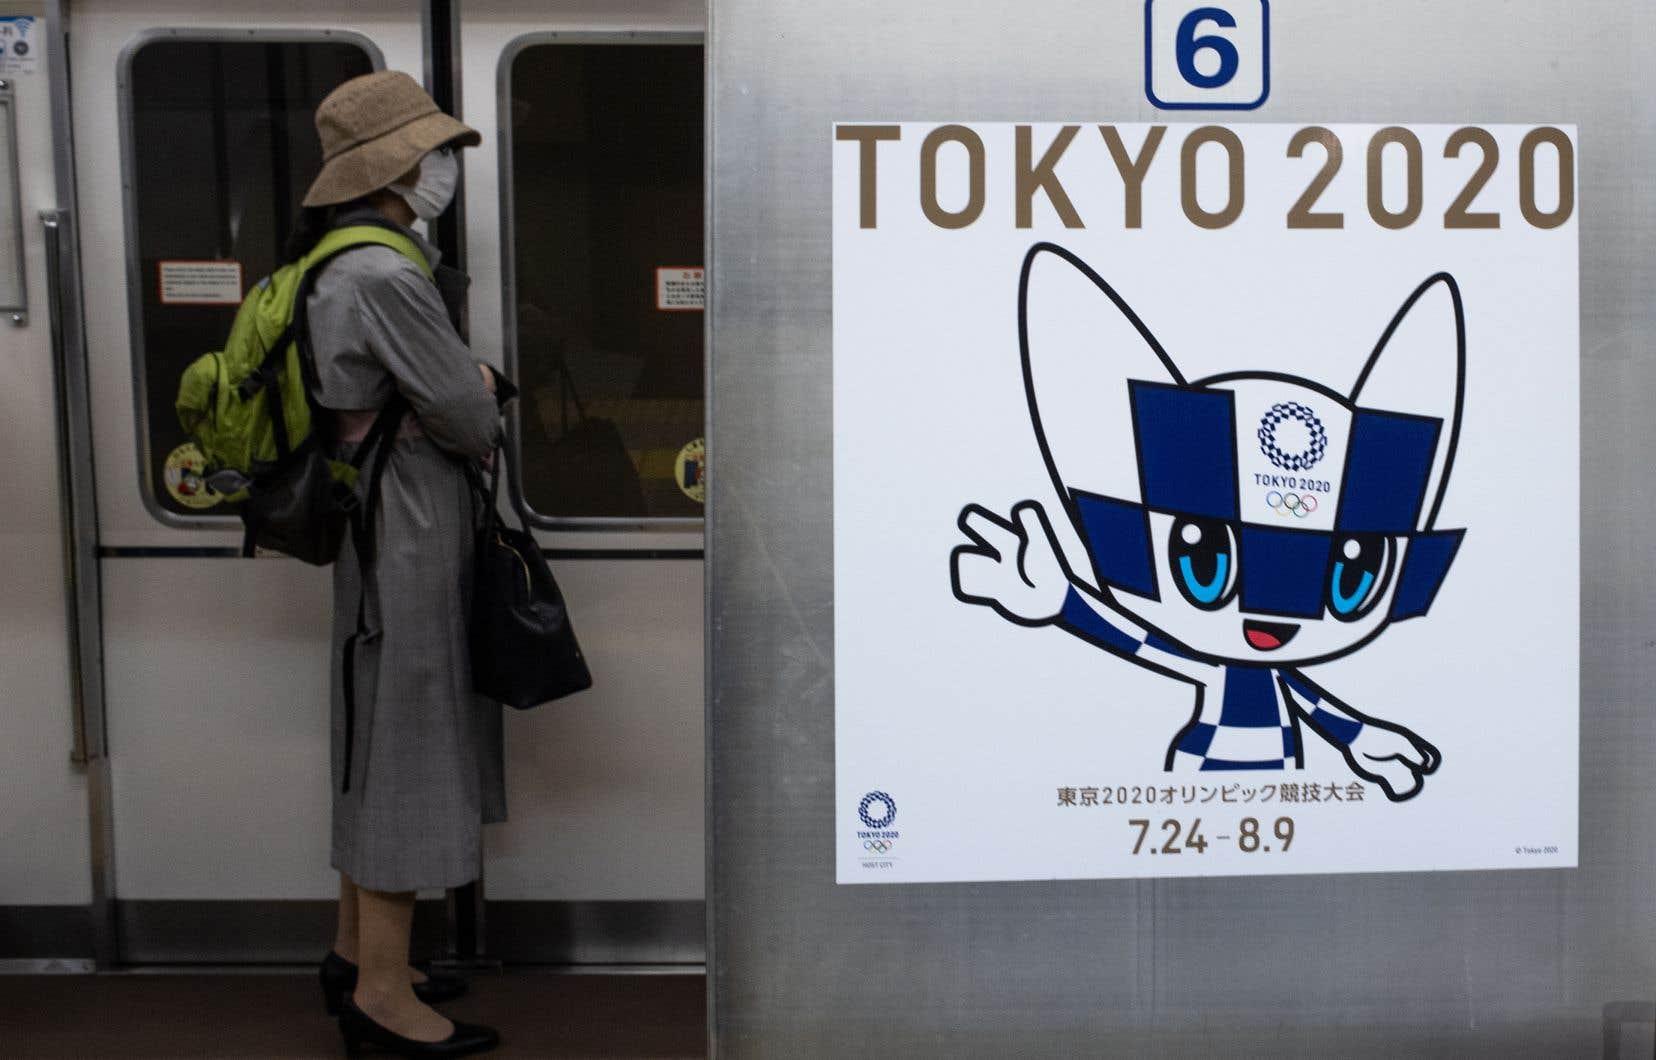 Le nombre de passagers des trains et métros de Tokyo, habituellement bondés pendant les heures de pointe, a fortement diminué.